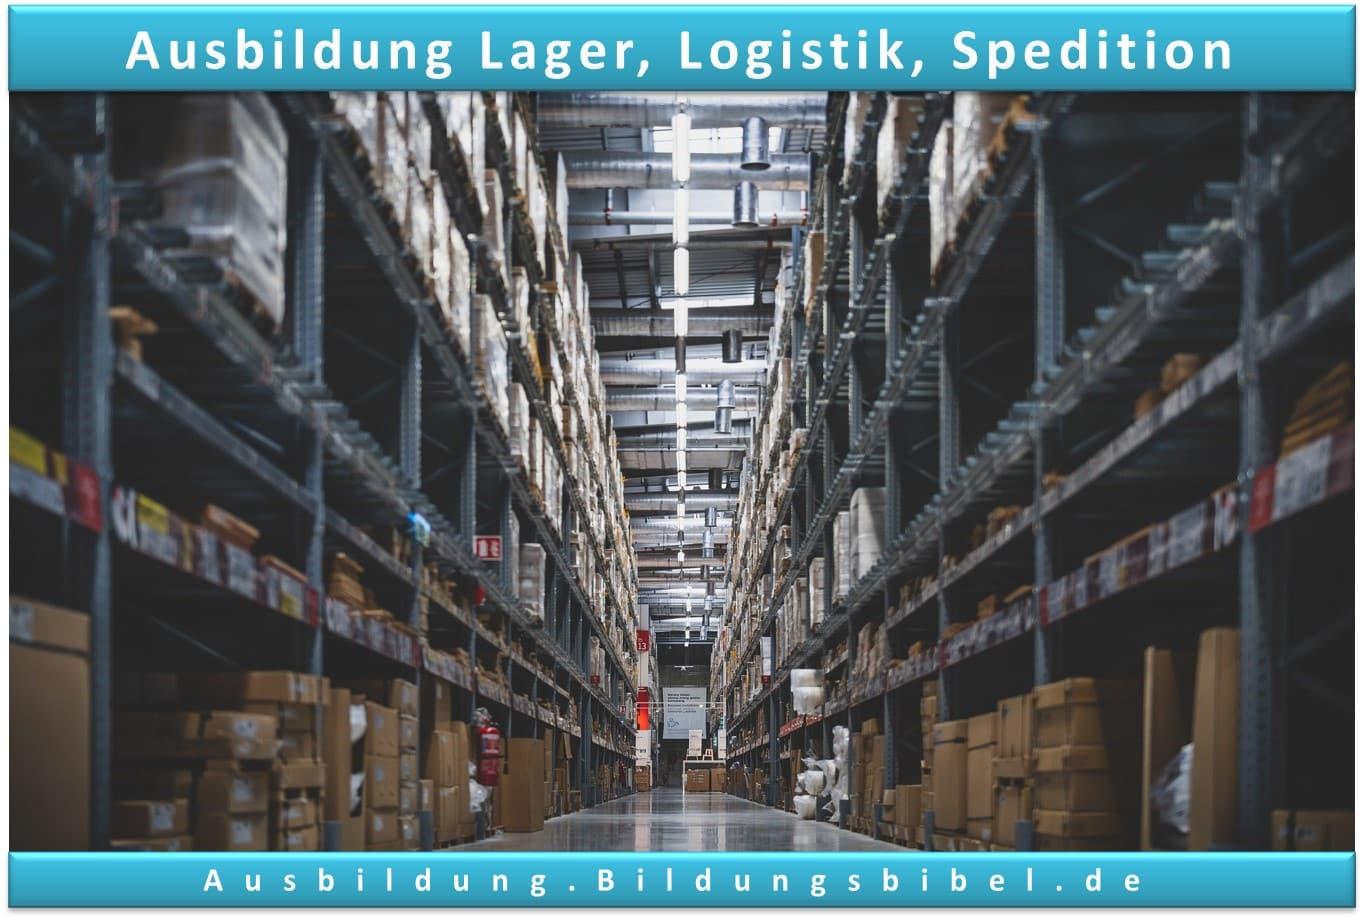 Die Ausbildung in der Logistik, im Lager oder der Spedition, Voraussetzungen, Gehalt, Dauer, Inhalte sowie Zukunft zum Ausbildungsberuf